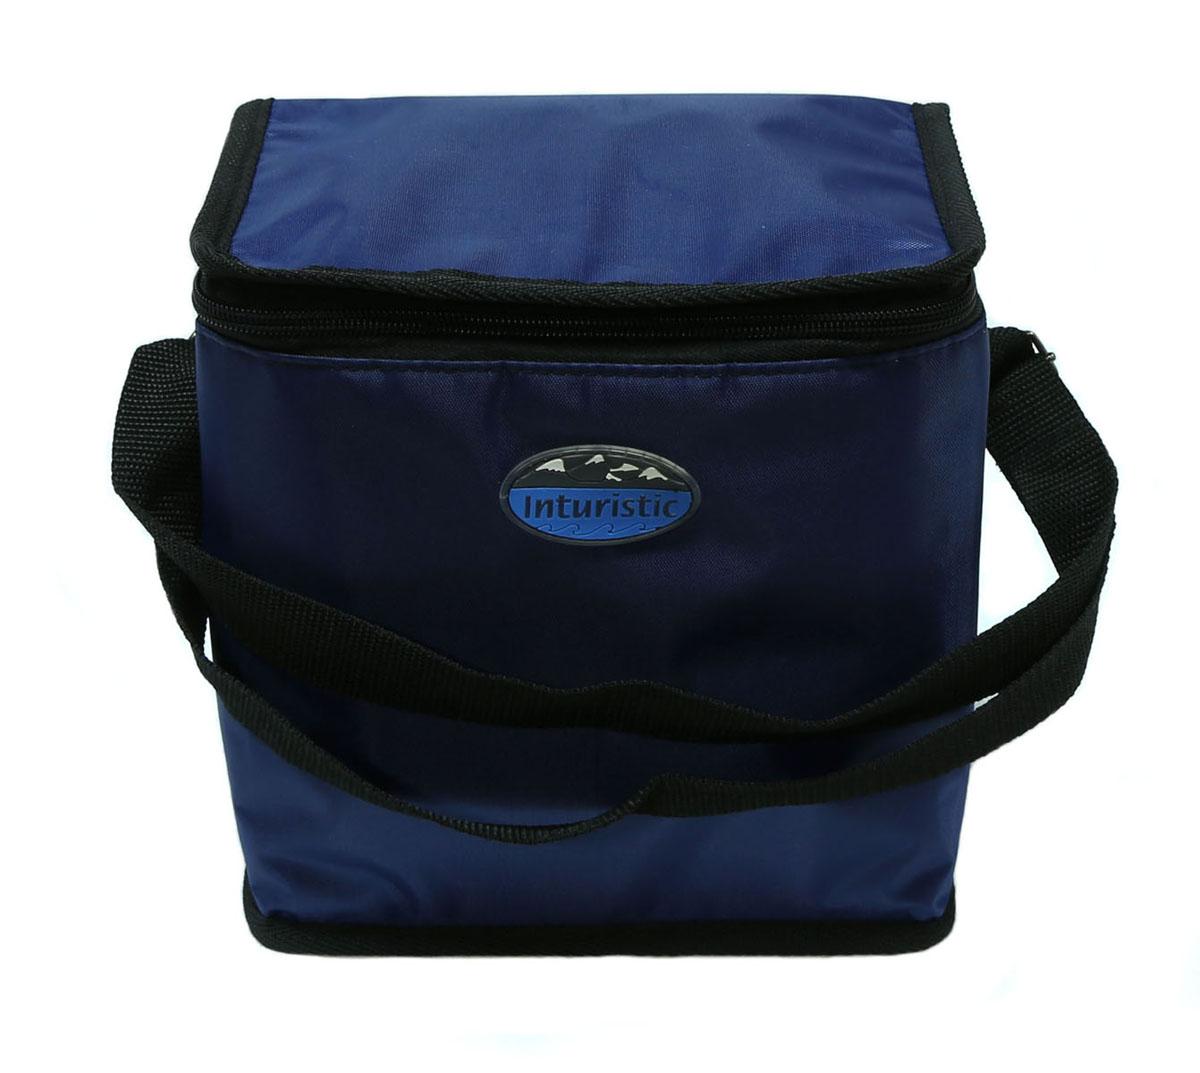 Сумка изотермическая Inturistic, цвет: синий, 6 л401564Изотермическая сумка Inturistic поможет сохранить температуру пищи и напитков в течение нескольких часов. Она будет удобна при поездках на дачу, на пикник и дальних путешествиях. Вмещает по высоте до 6 алюминиевых банок емкостью 0,5 л с прохладительными напитками. Наибольший эффект достигается при использовании аккумуляторов холода. Имеется карман для аккумулятора холода. Карман можно использовать для переноски необходимых мелочей. Сумка удобна для переноски контейнеров с едой и ланч боксов.Материал: Oxford ПВХ, тепло/гидроизоляционный материал, термостойкая изоляция.Объем сумки: 6 л.